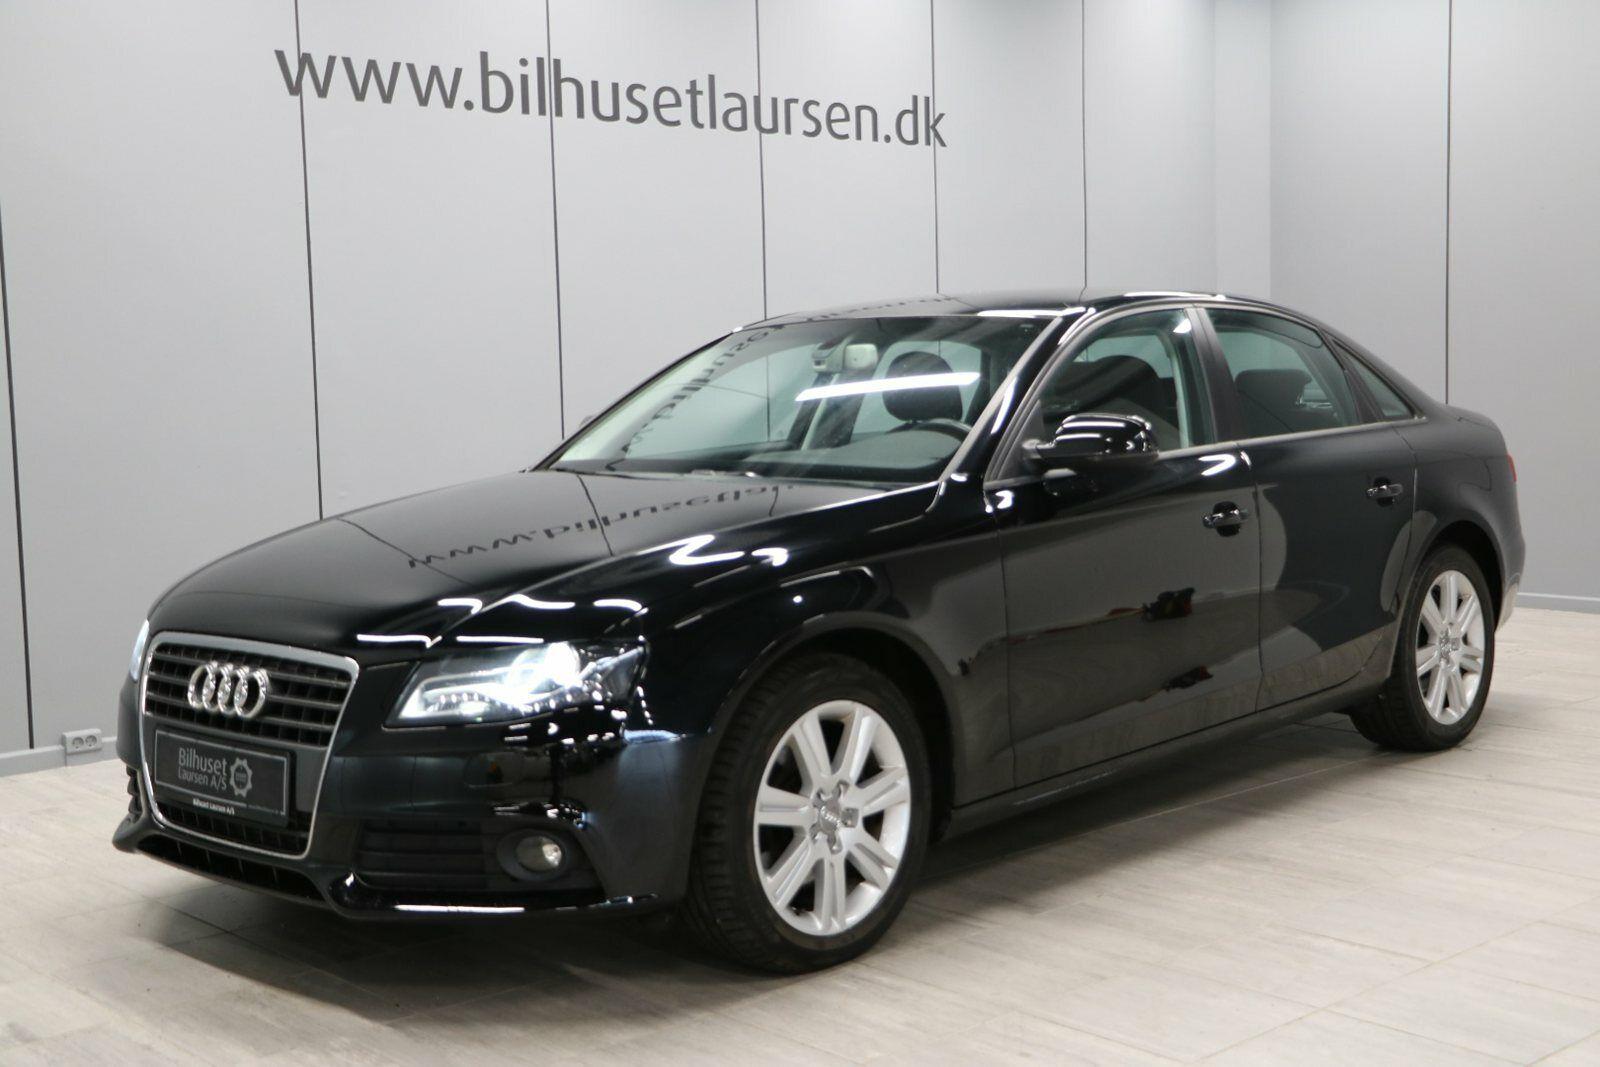 Audi A4 1,8 TFSi 160 4d - 154.900 kr.